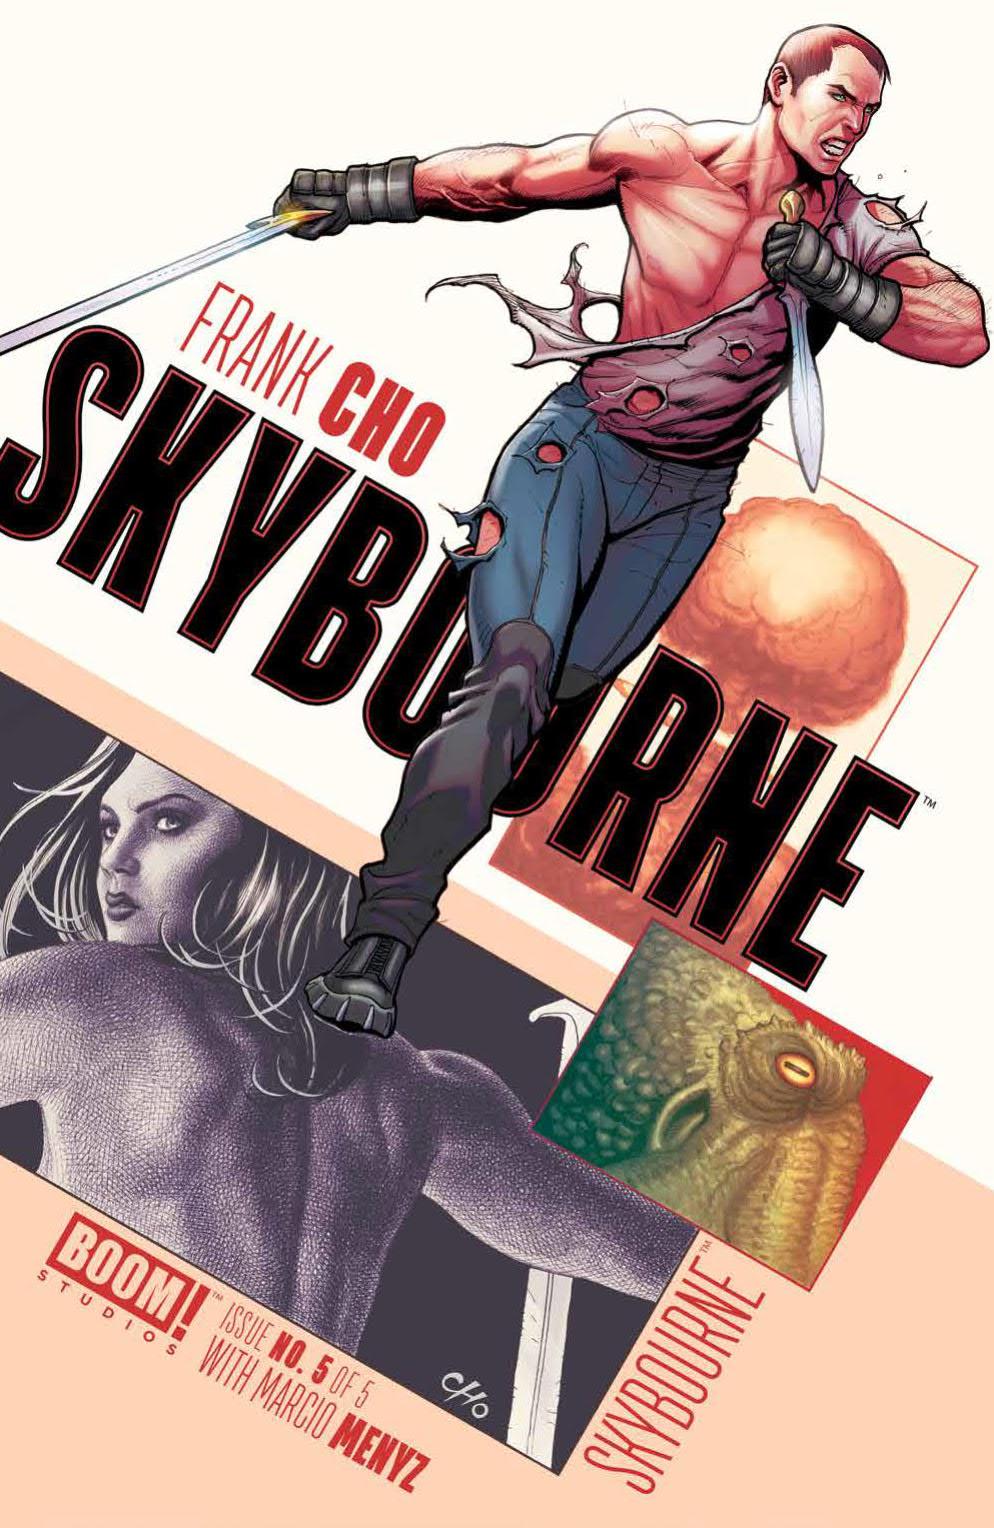 Skybourne_005_PRESS_1